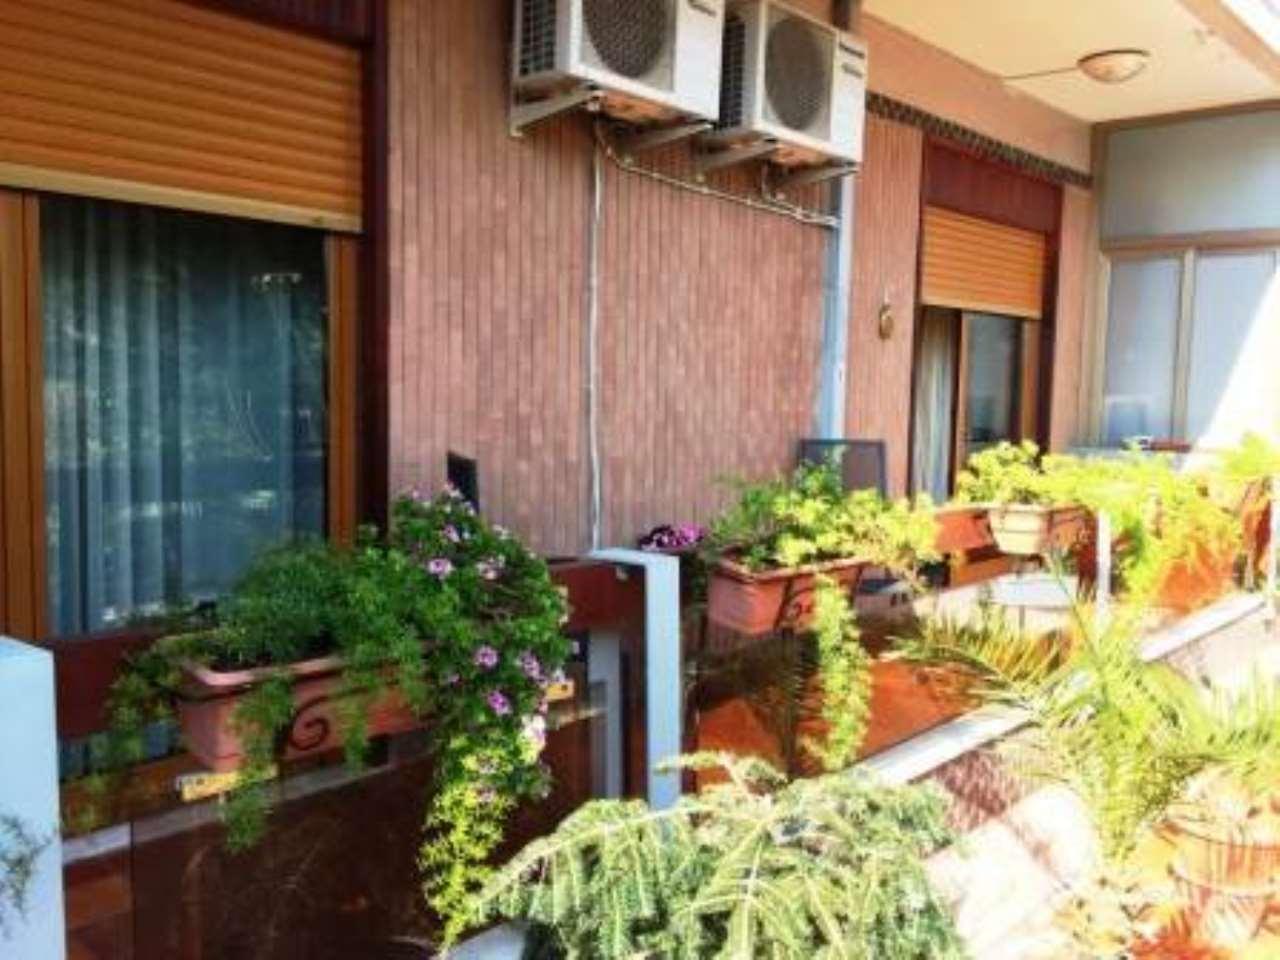 Appartamento in vendita a Messina, 2 locali, prezzo € 150.000 | CambioCasa.it